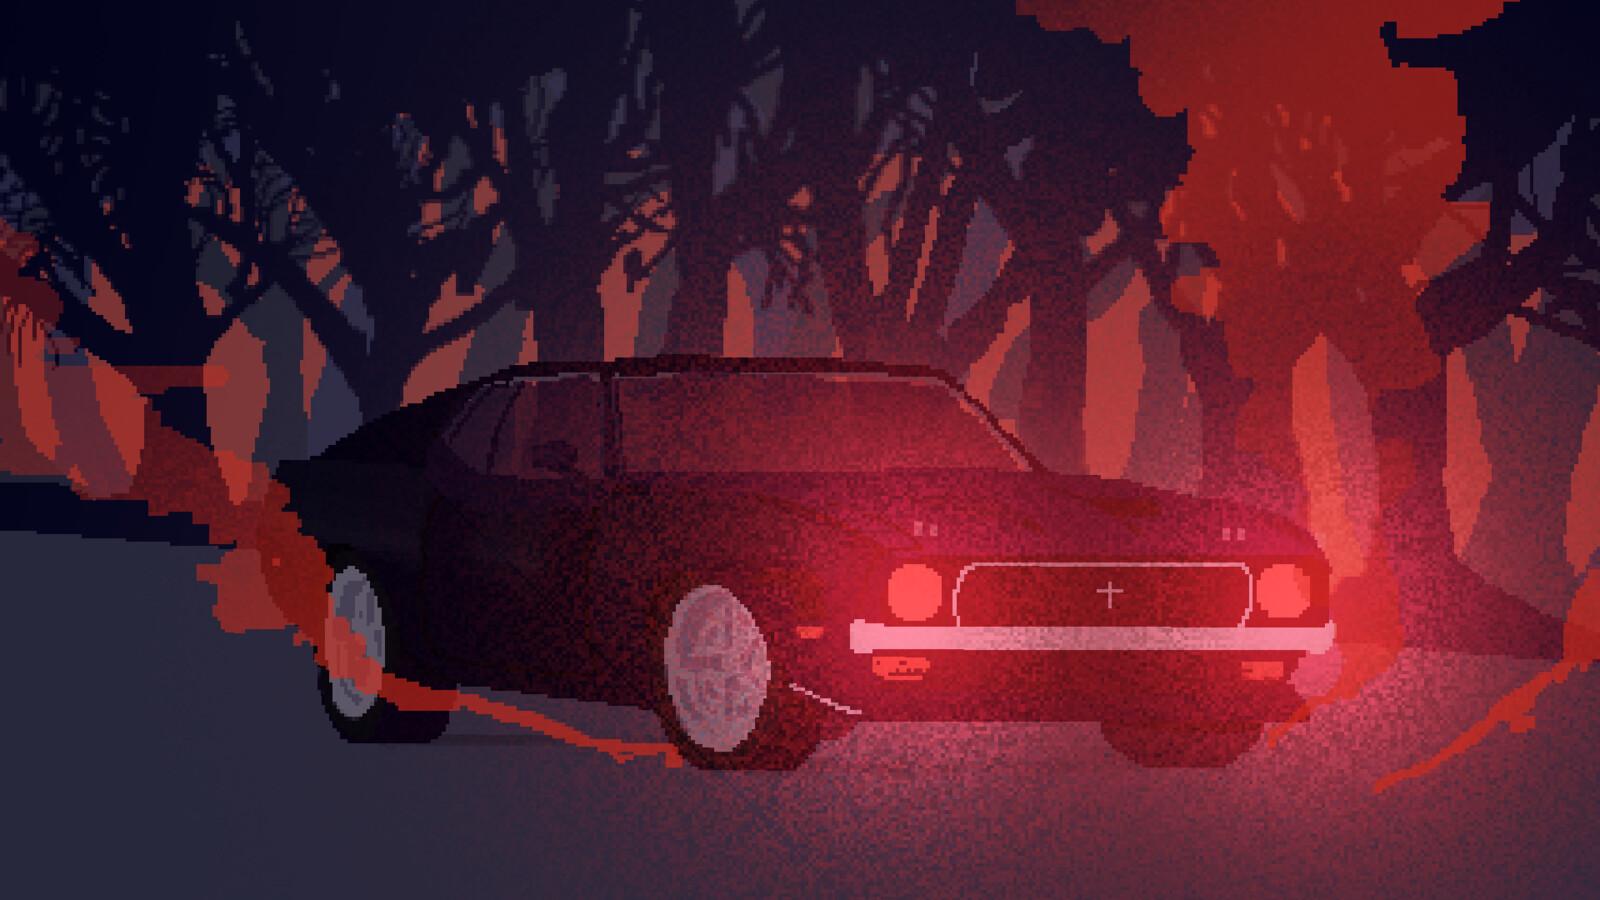 Frame from Roadkill draft trailer